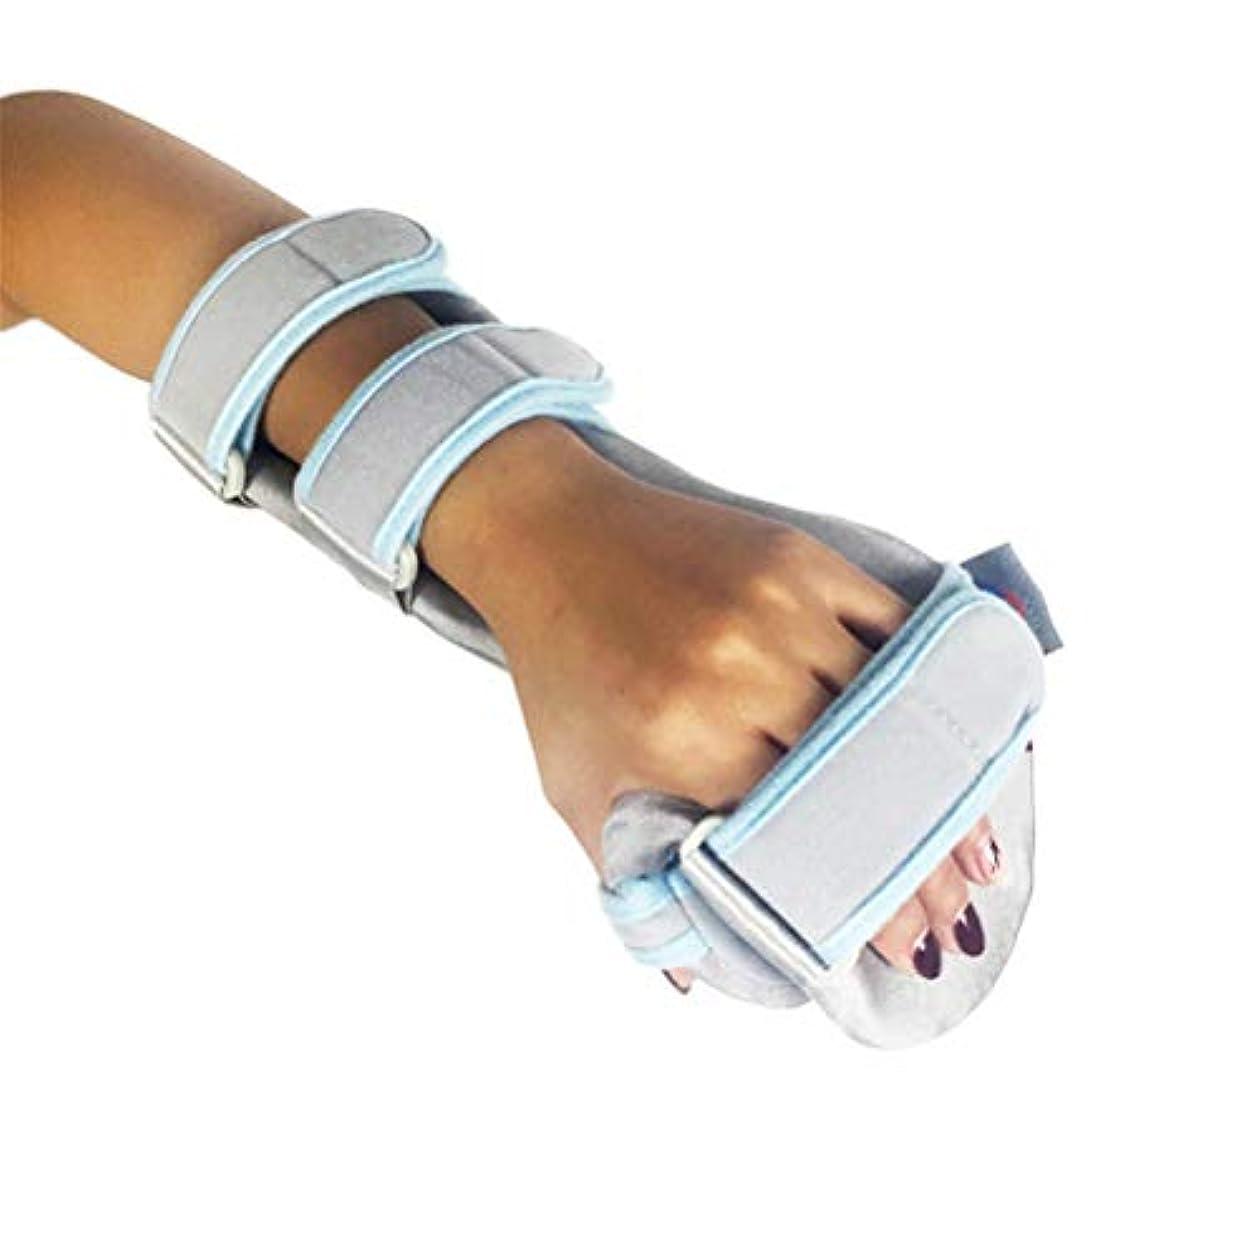 虚偽油フェザーHEALIFTY 指スプリントフィンガー手首骨折固定足場用腱腱炎腱炎骨折関節炎転位(右手)